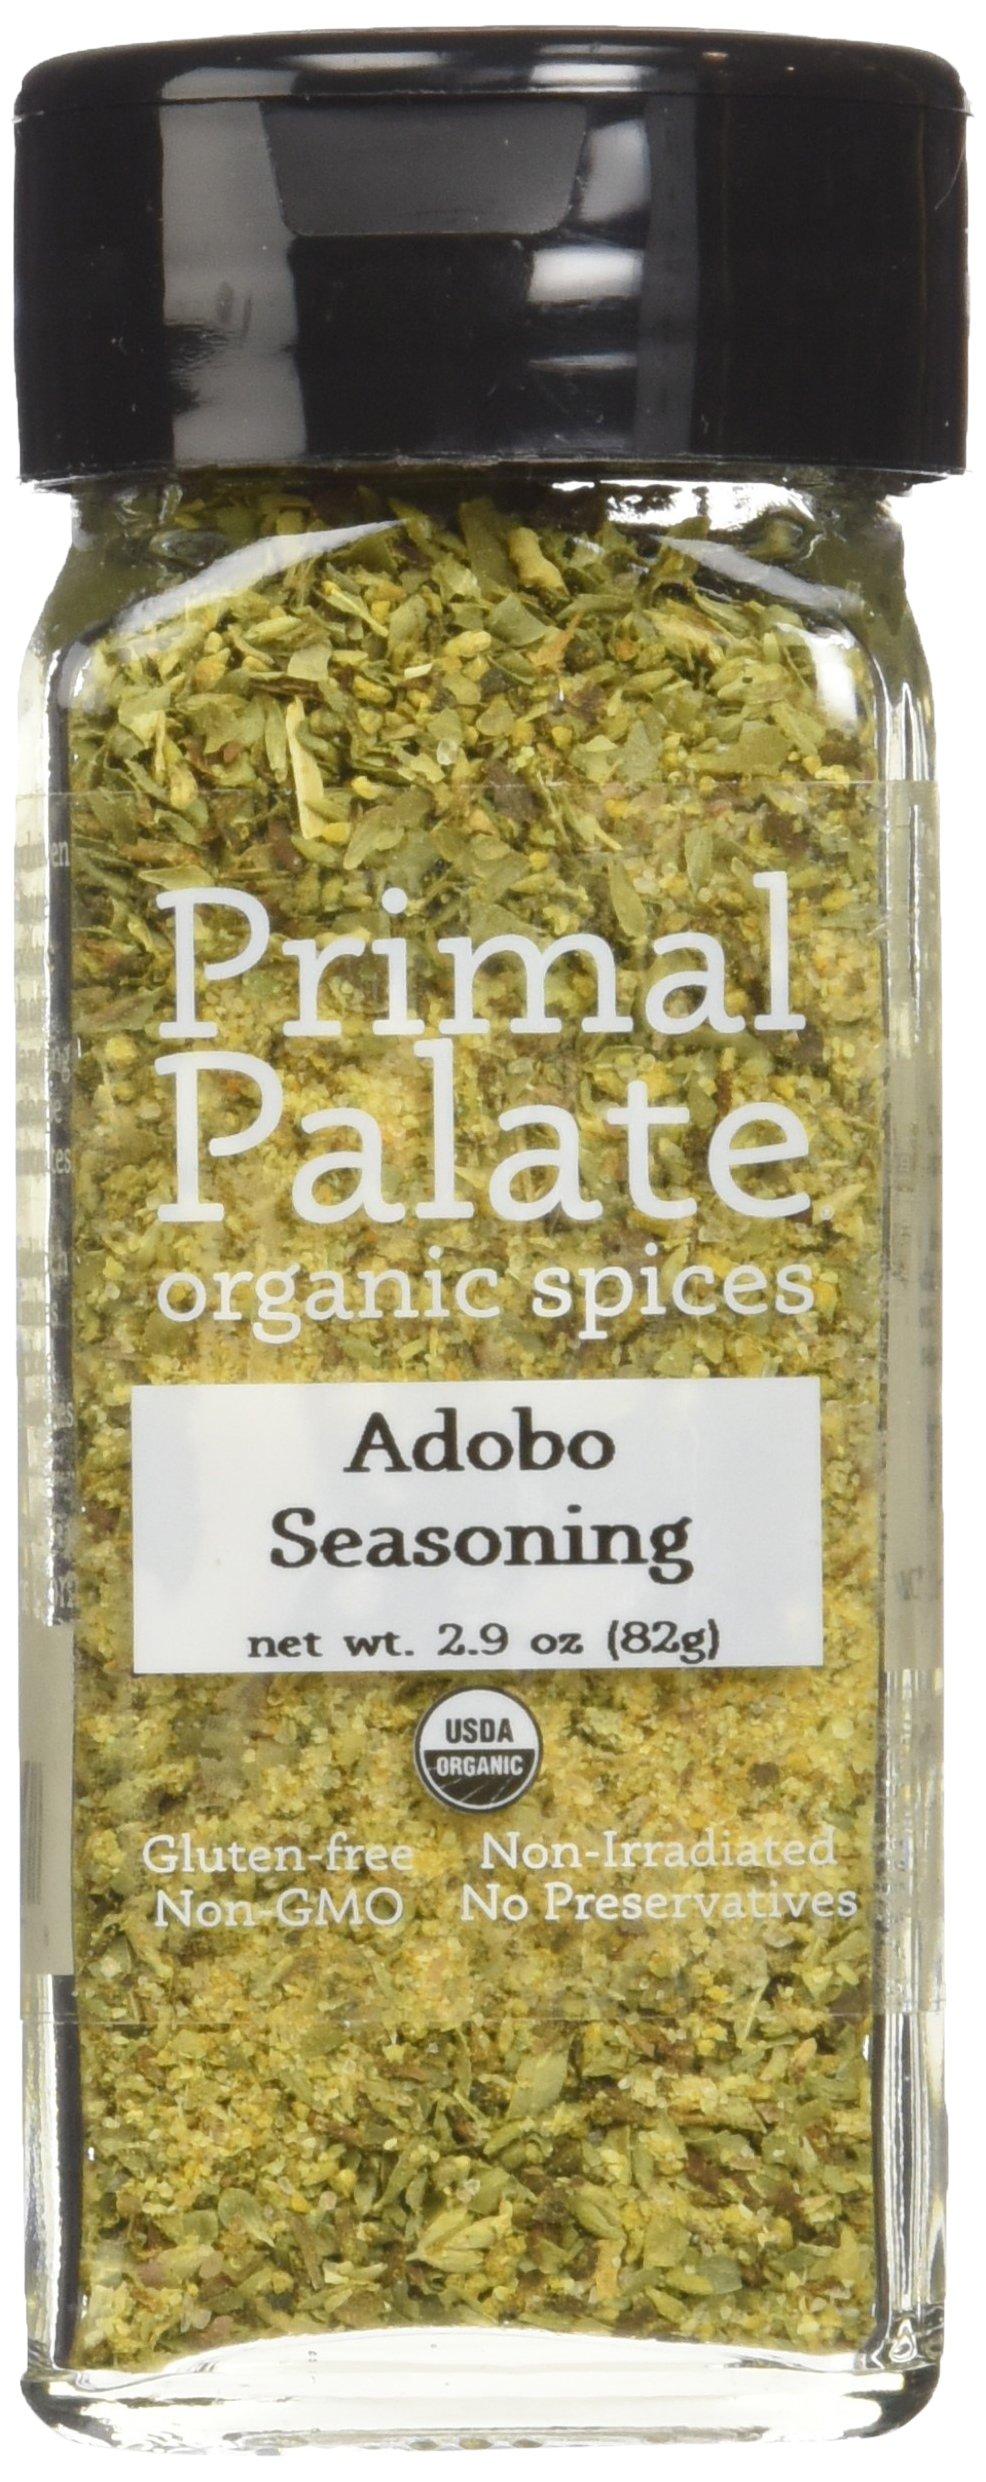 Primal Palate Organic Spices Adobo Seasoning, Certified Organic, 2.6 oz Bottle